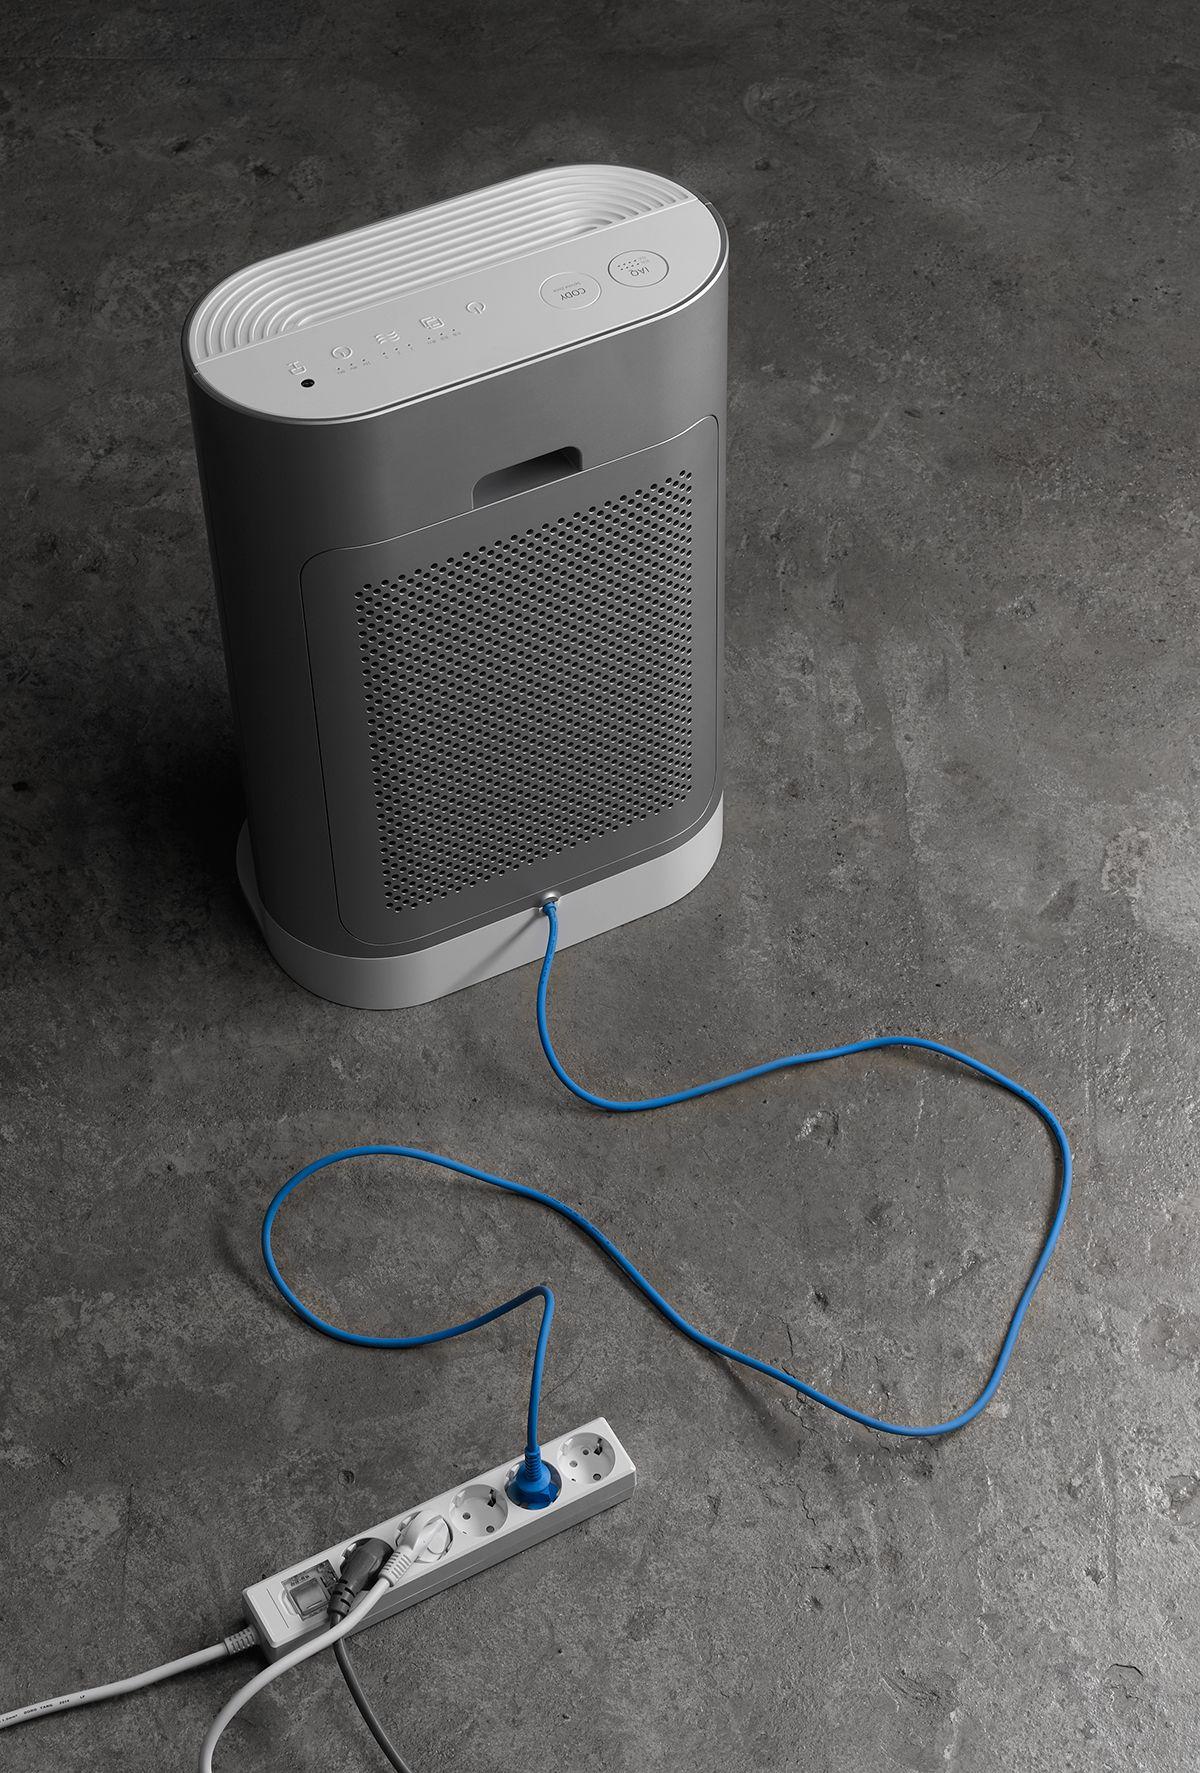 AP1015 / Air PurifierThe AP1015 is an air purifier with